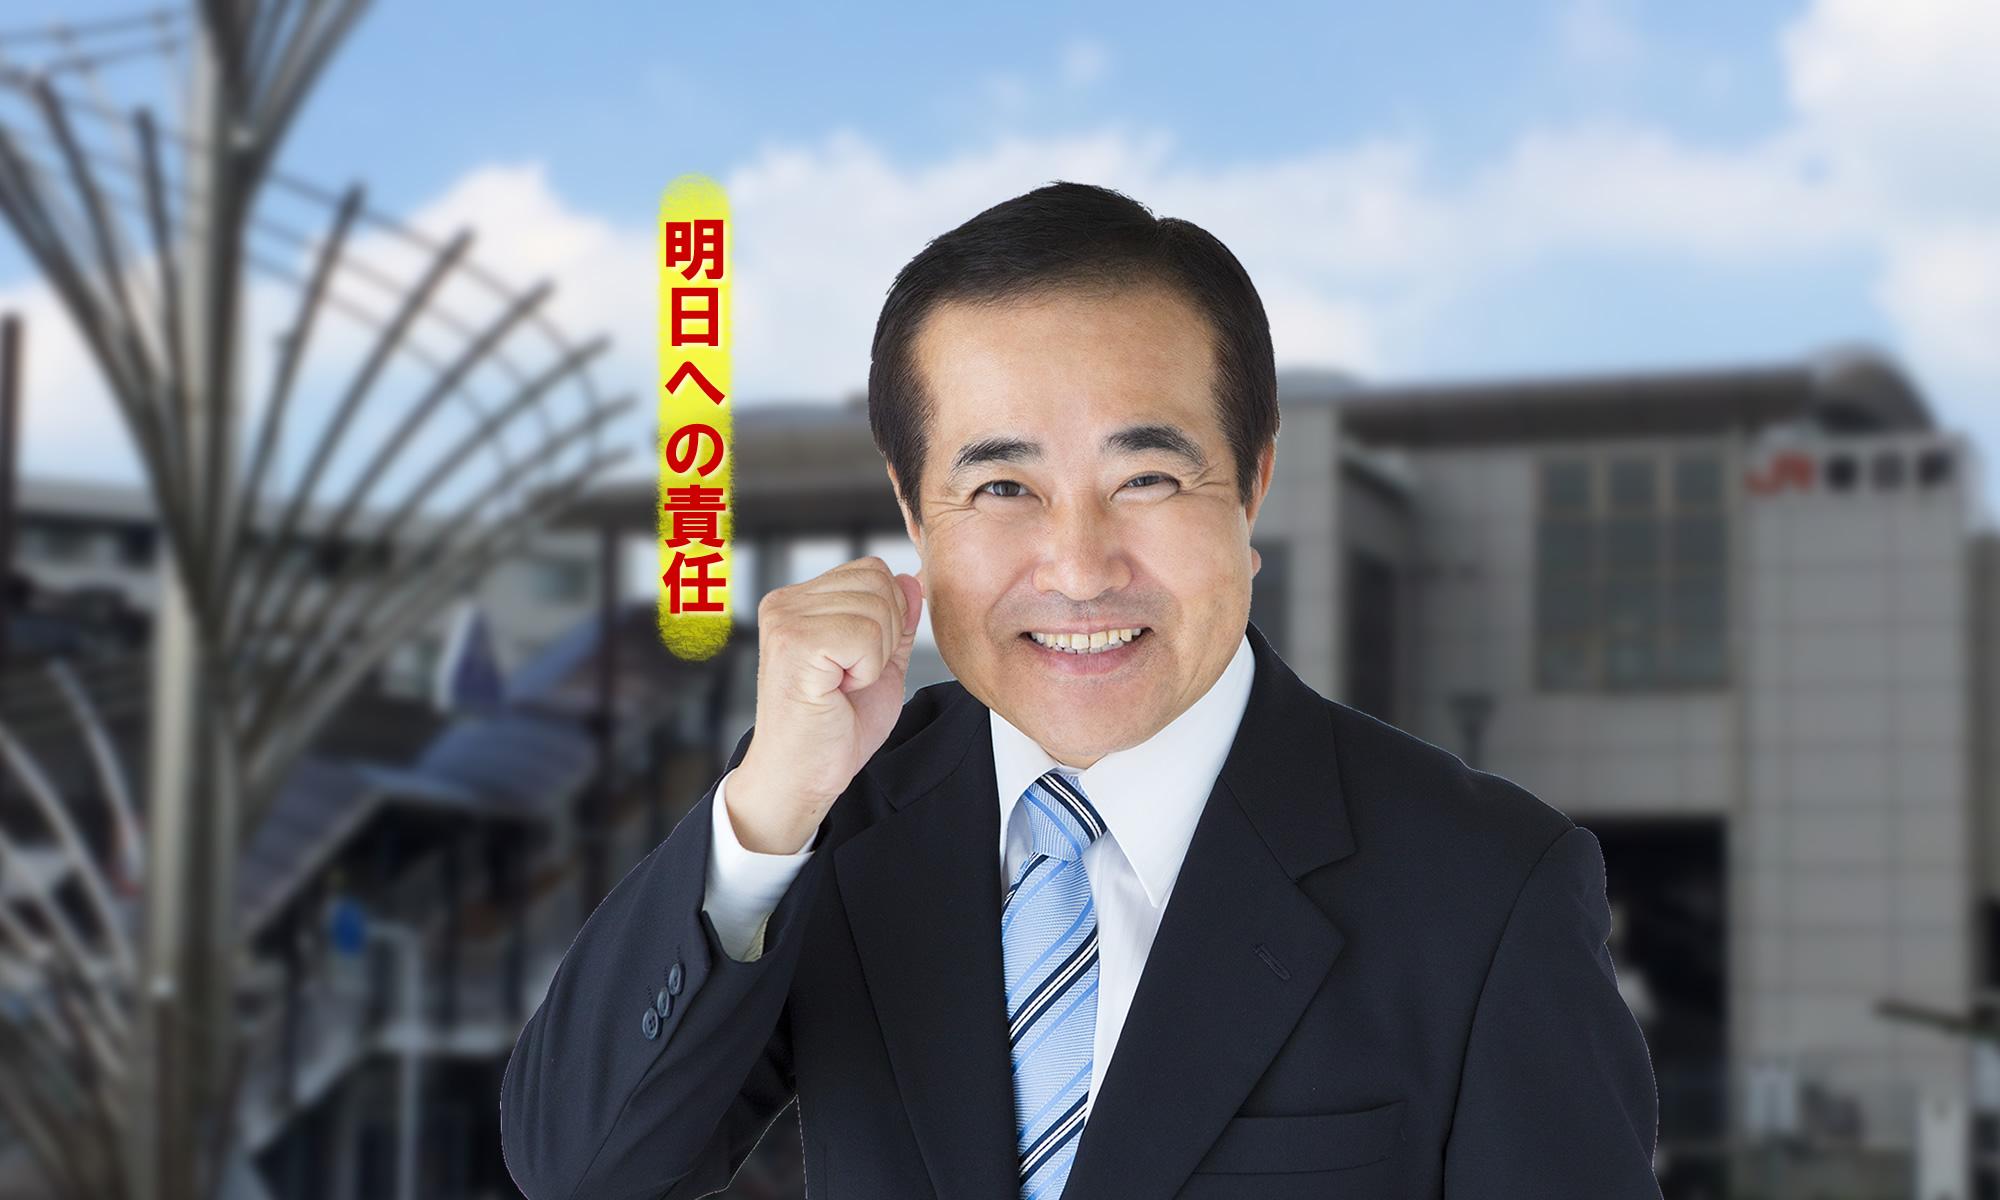 春日市議会議員 内野明浩(うちの あきひろ) 明日への責任